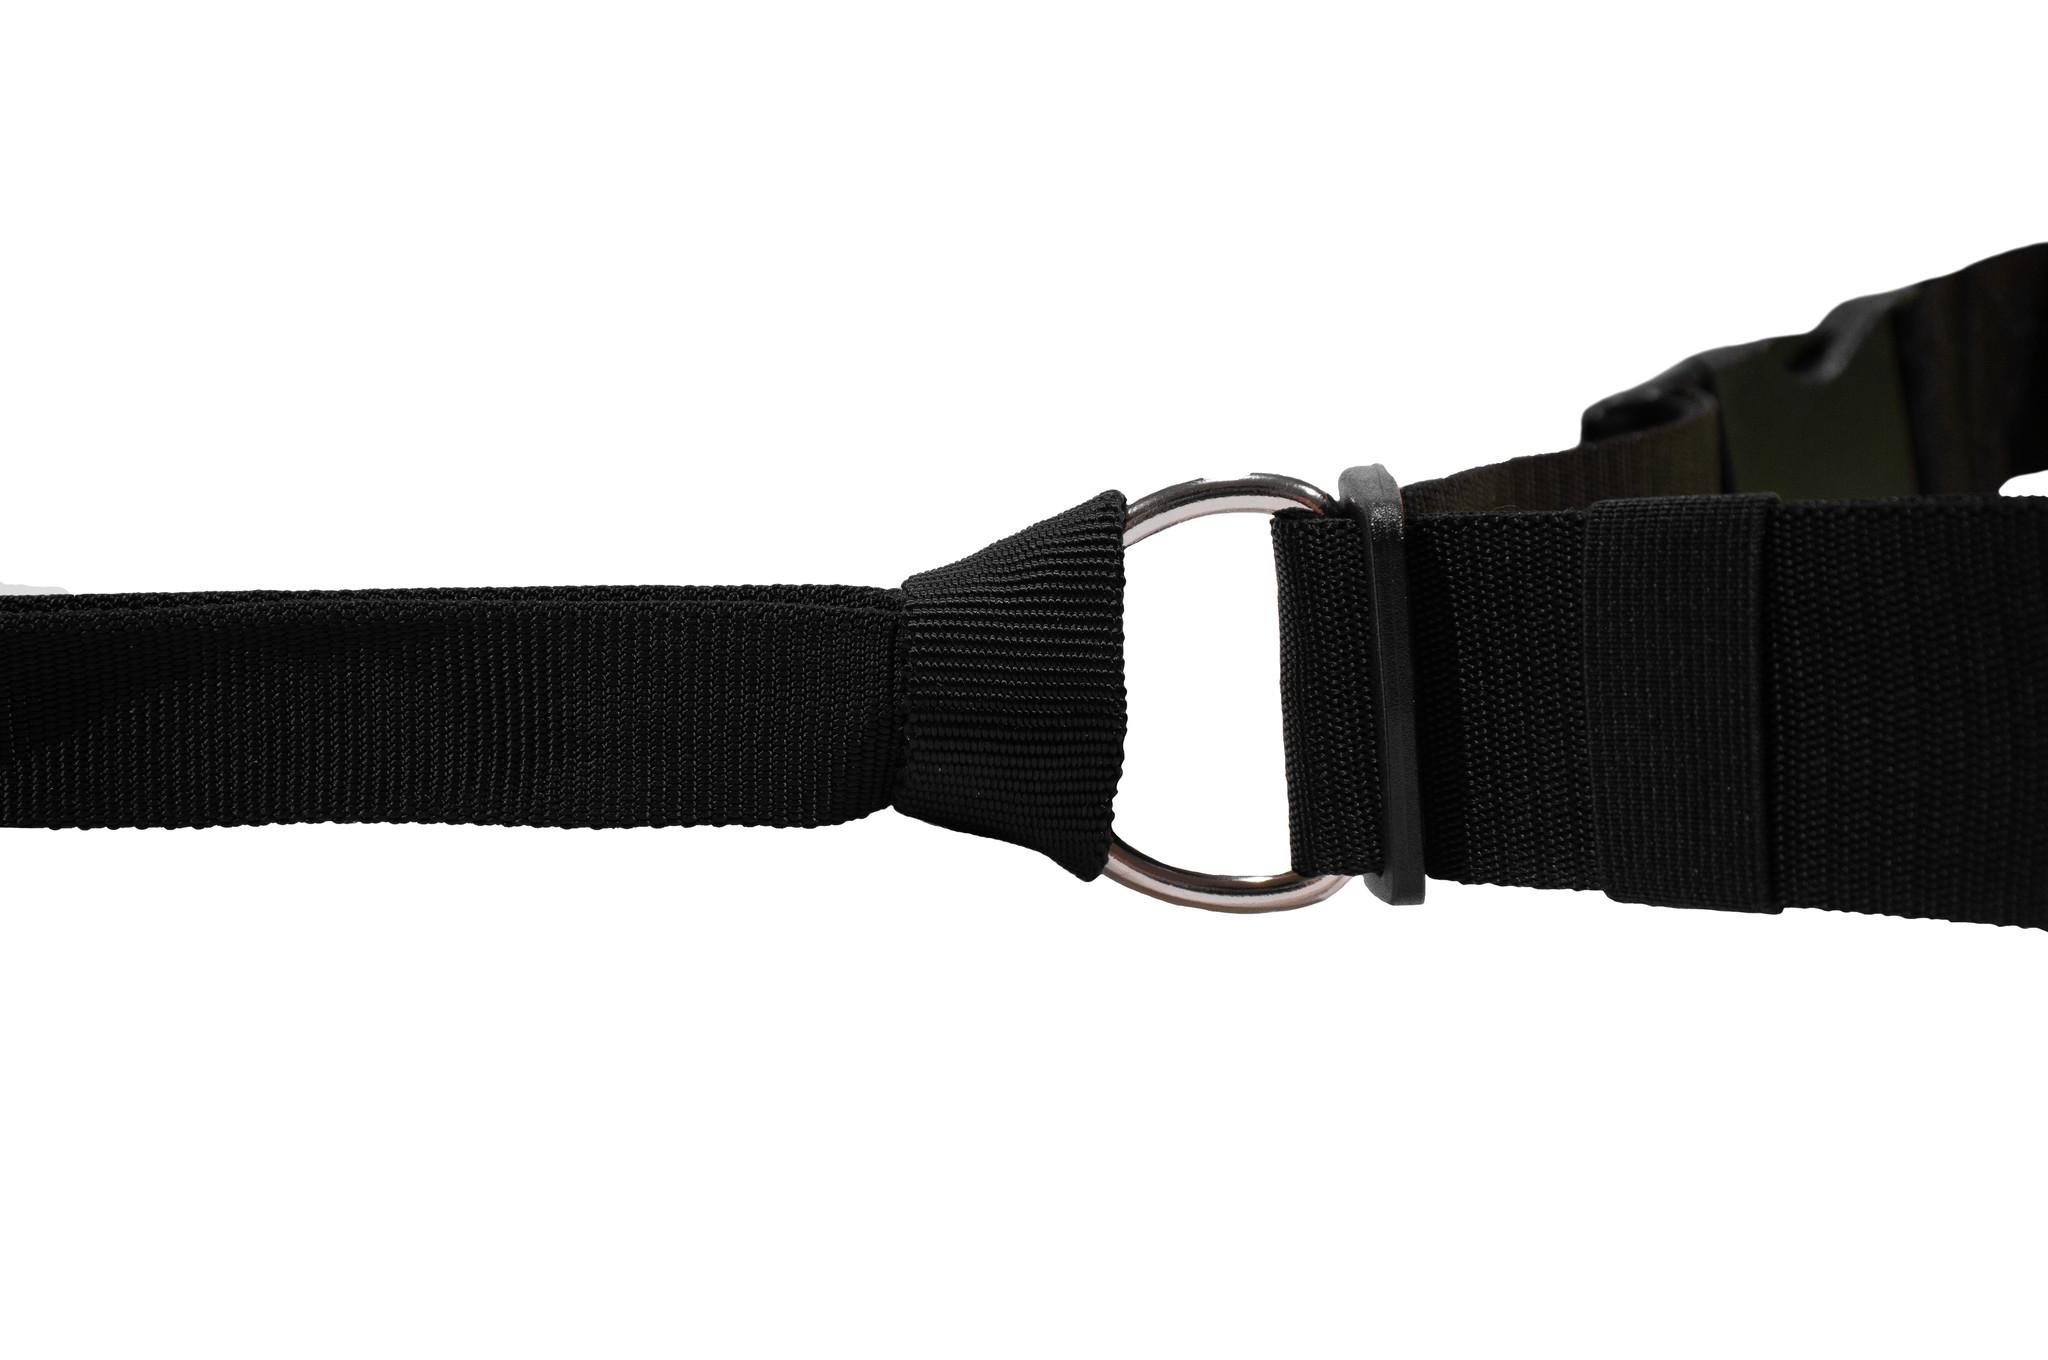 LasaLine Jöring Canicross Leine mit integrierten Ruckdämpfer in schwarz